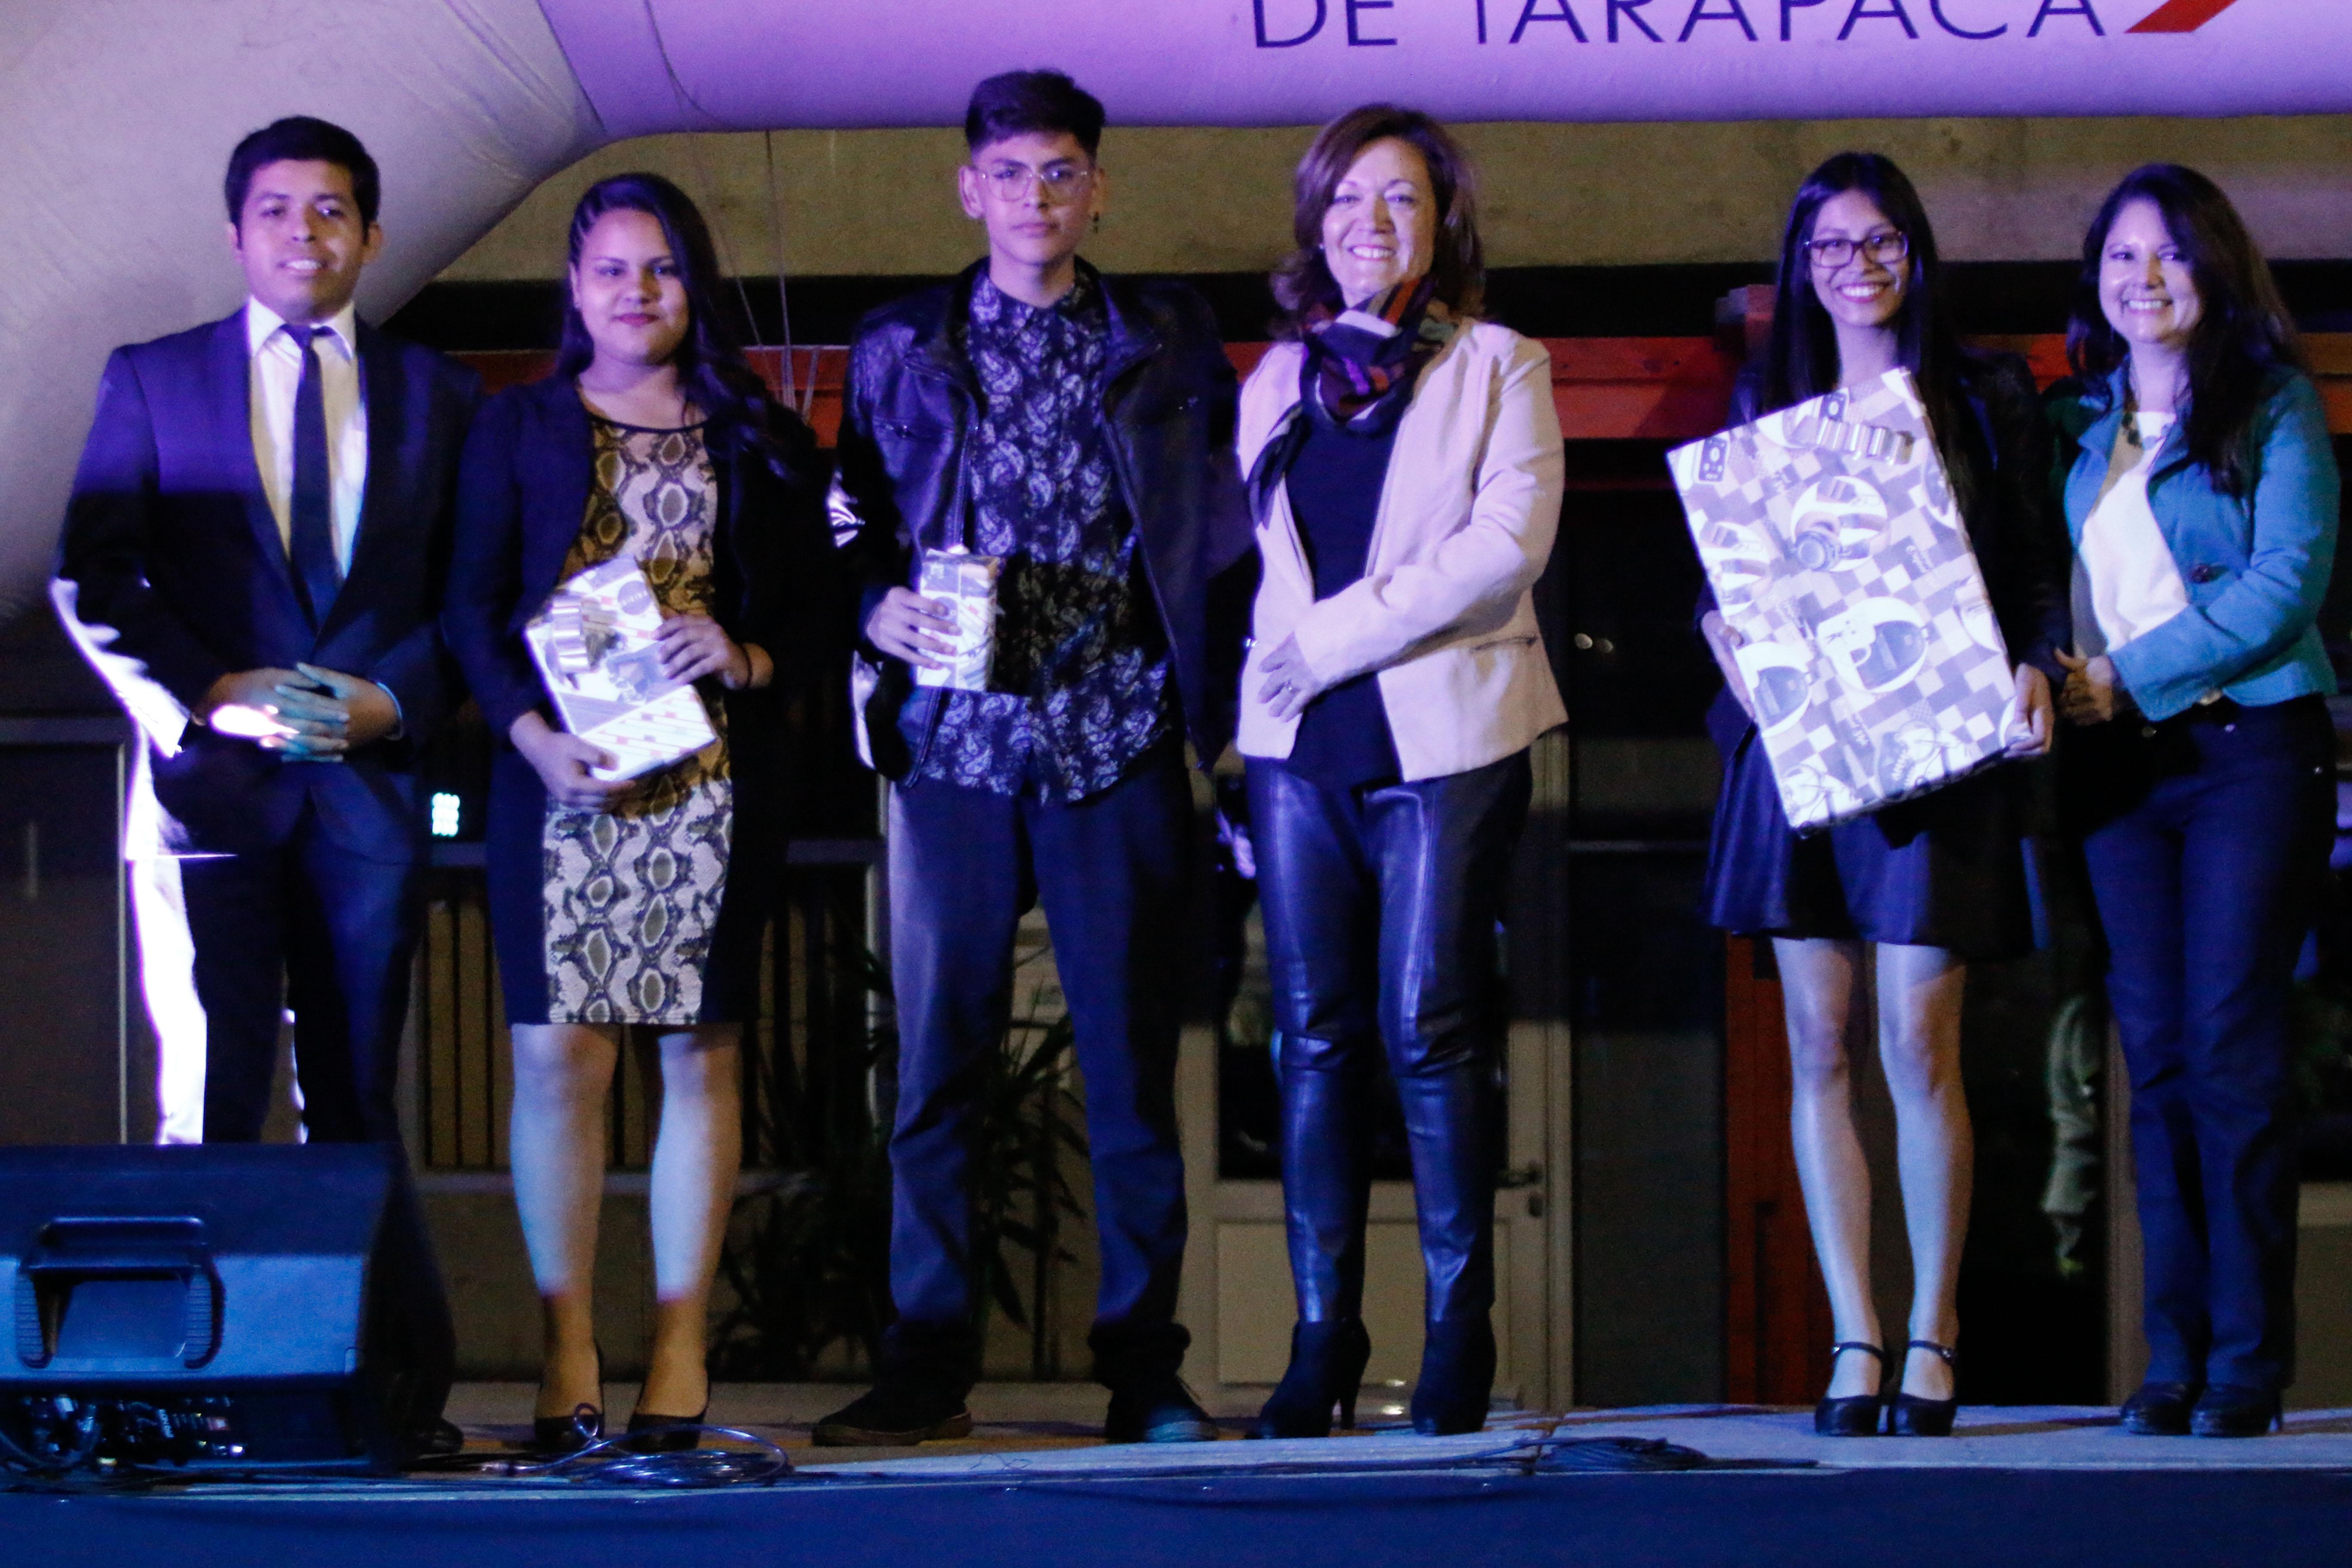 ganadores del festival tercero, segundo